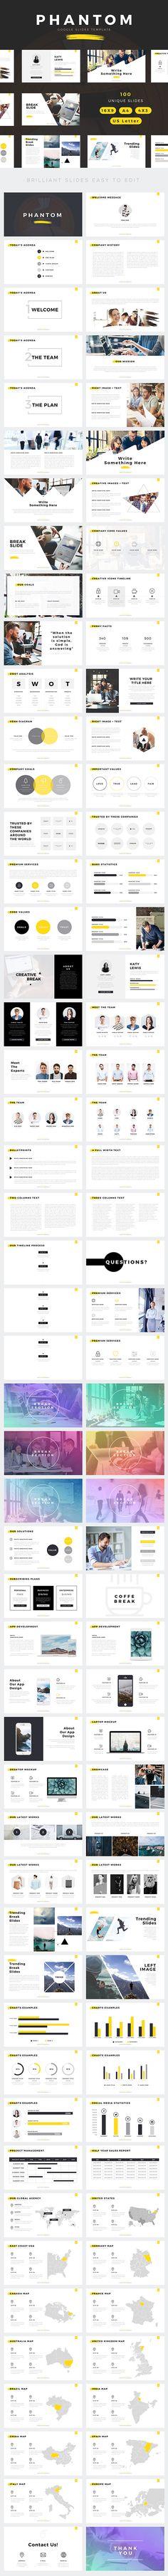 Phantom Modern Google Slides Template — Google Slides PPTX #tech #elegant • Download ➝ https://graphicriver.net/item/phantom-modern-google-slides-template/18962626?ref=pxcr